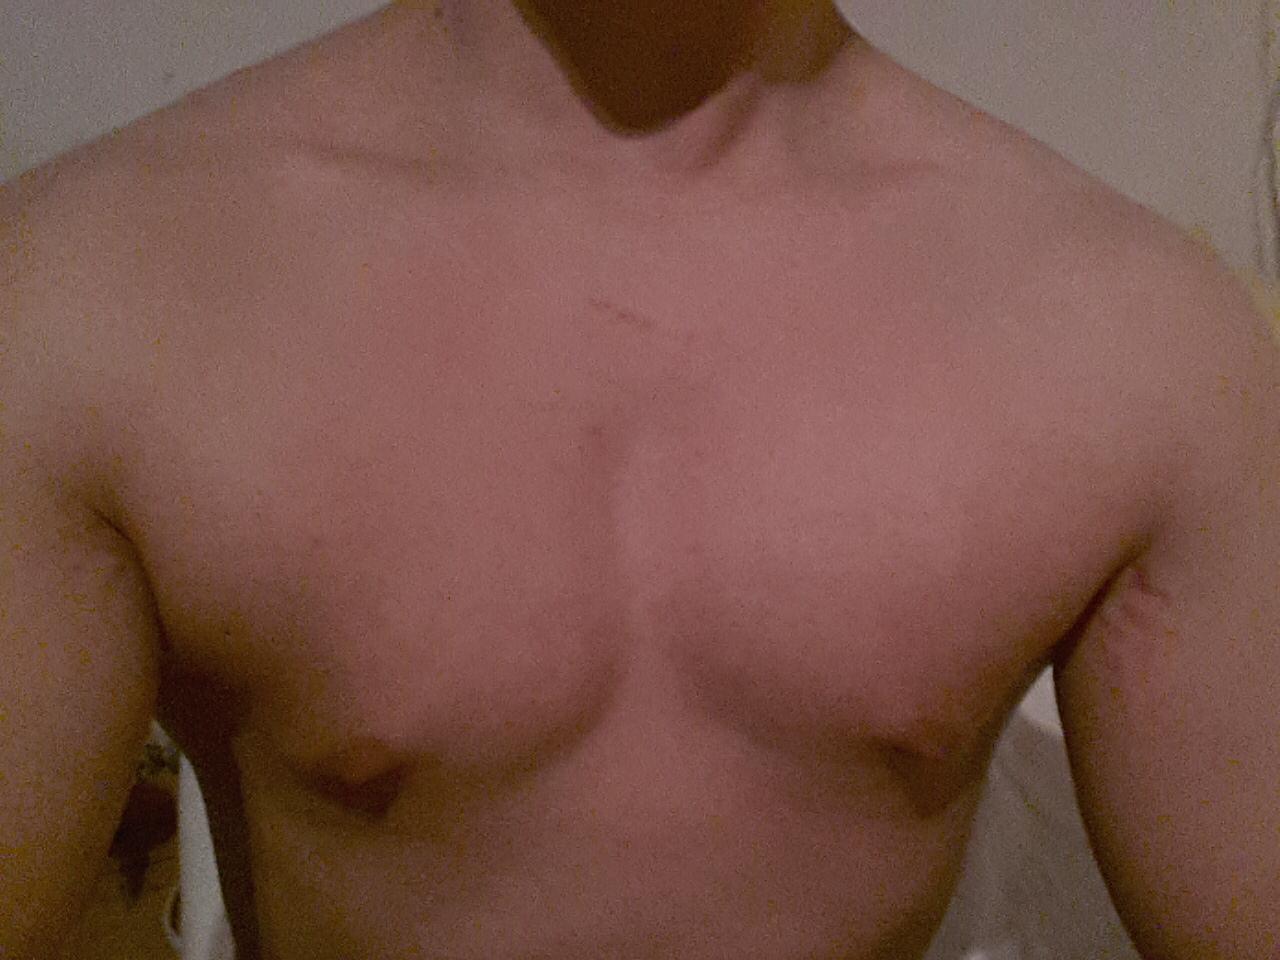 Der Preis der Operation nach der Verkleinerung der Brust in unter nowgorode